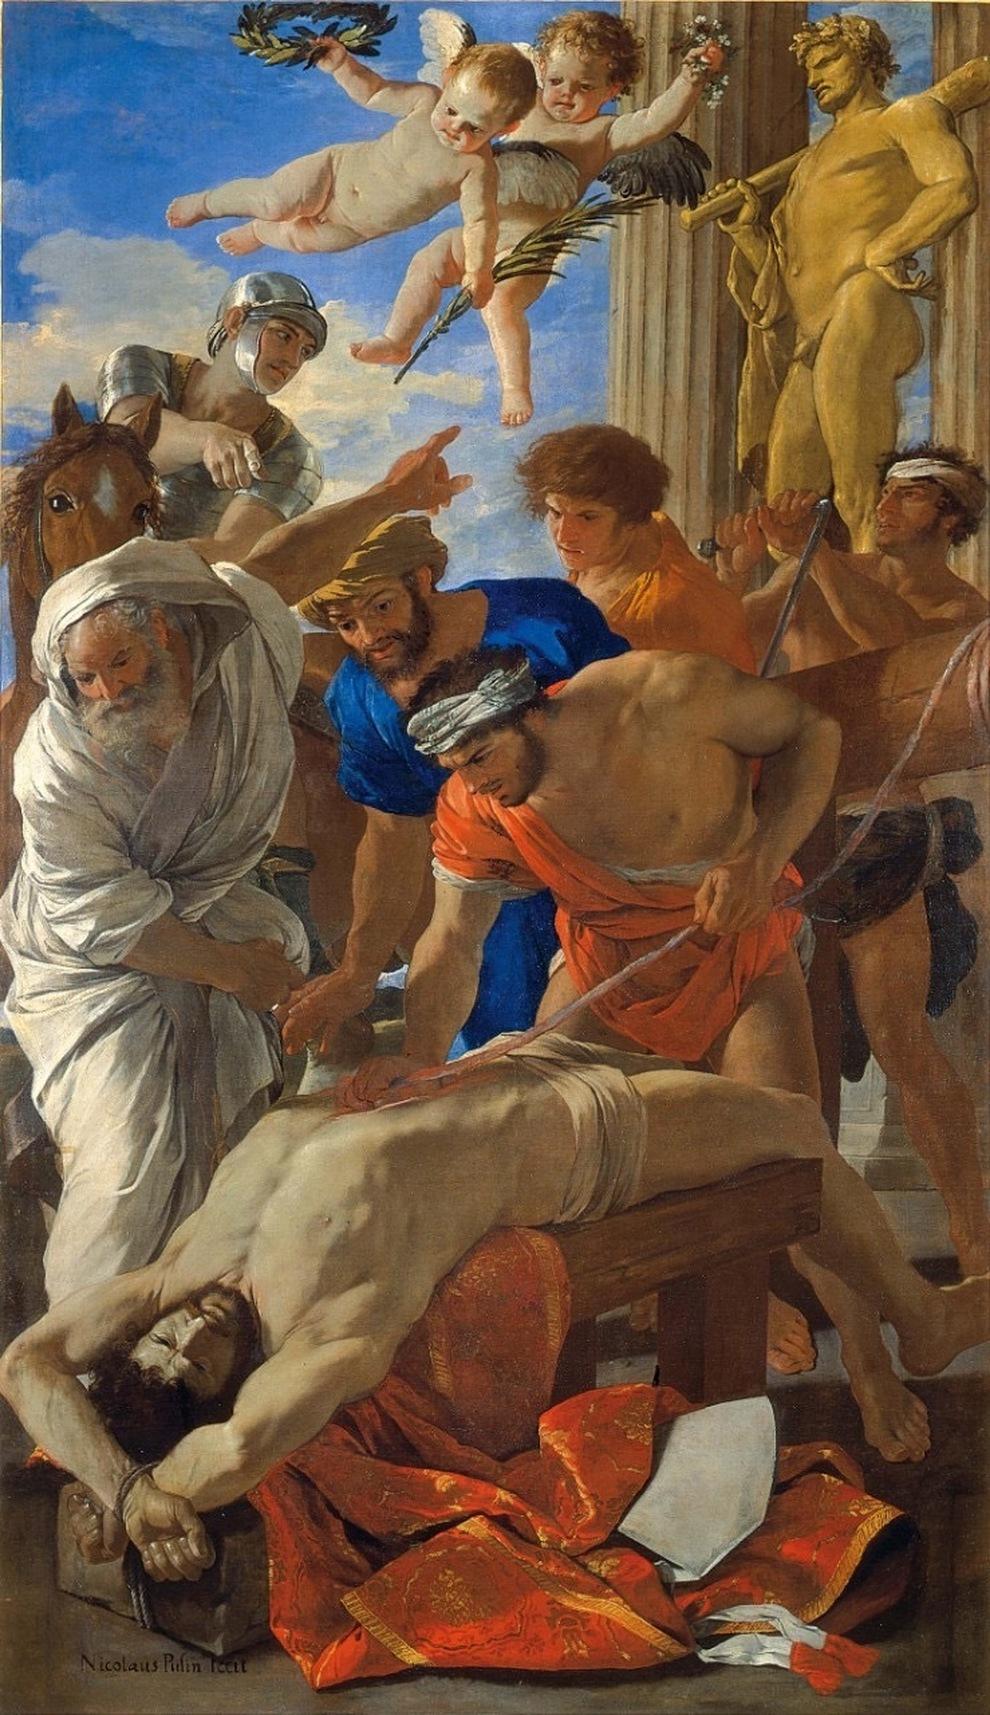 Мученичество святого Эразма Николая Пуссена , 1628-29, Ватиканские музеи, Ватикан.jpg